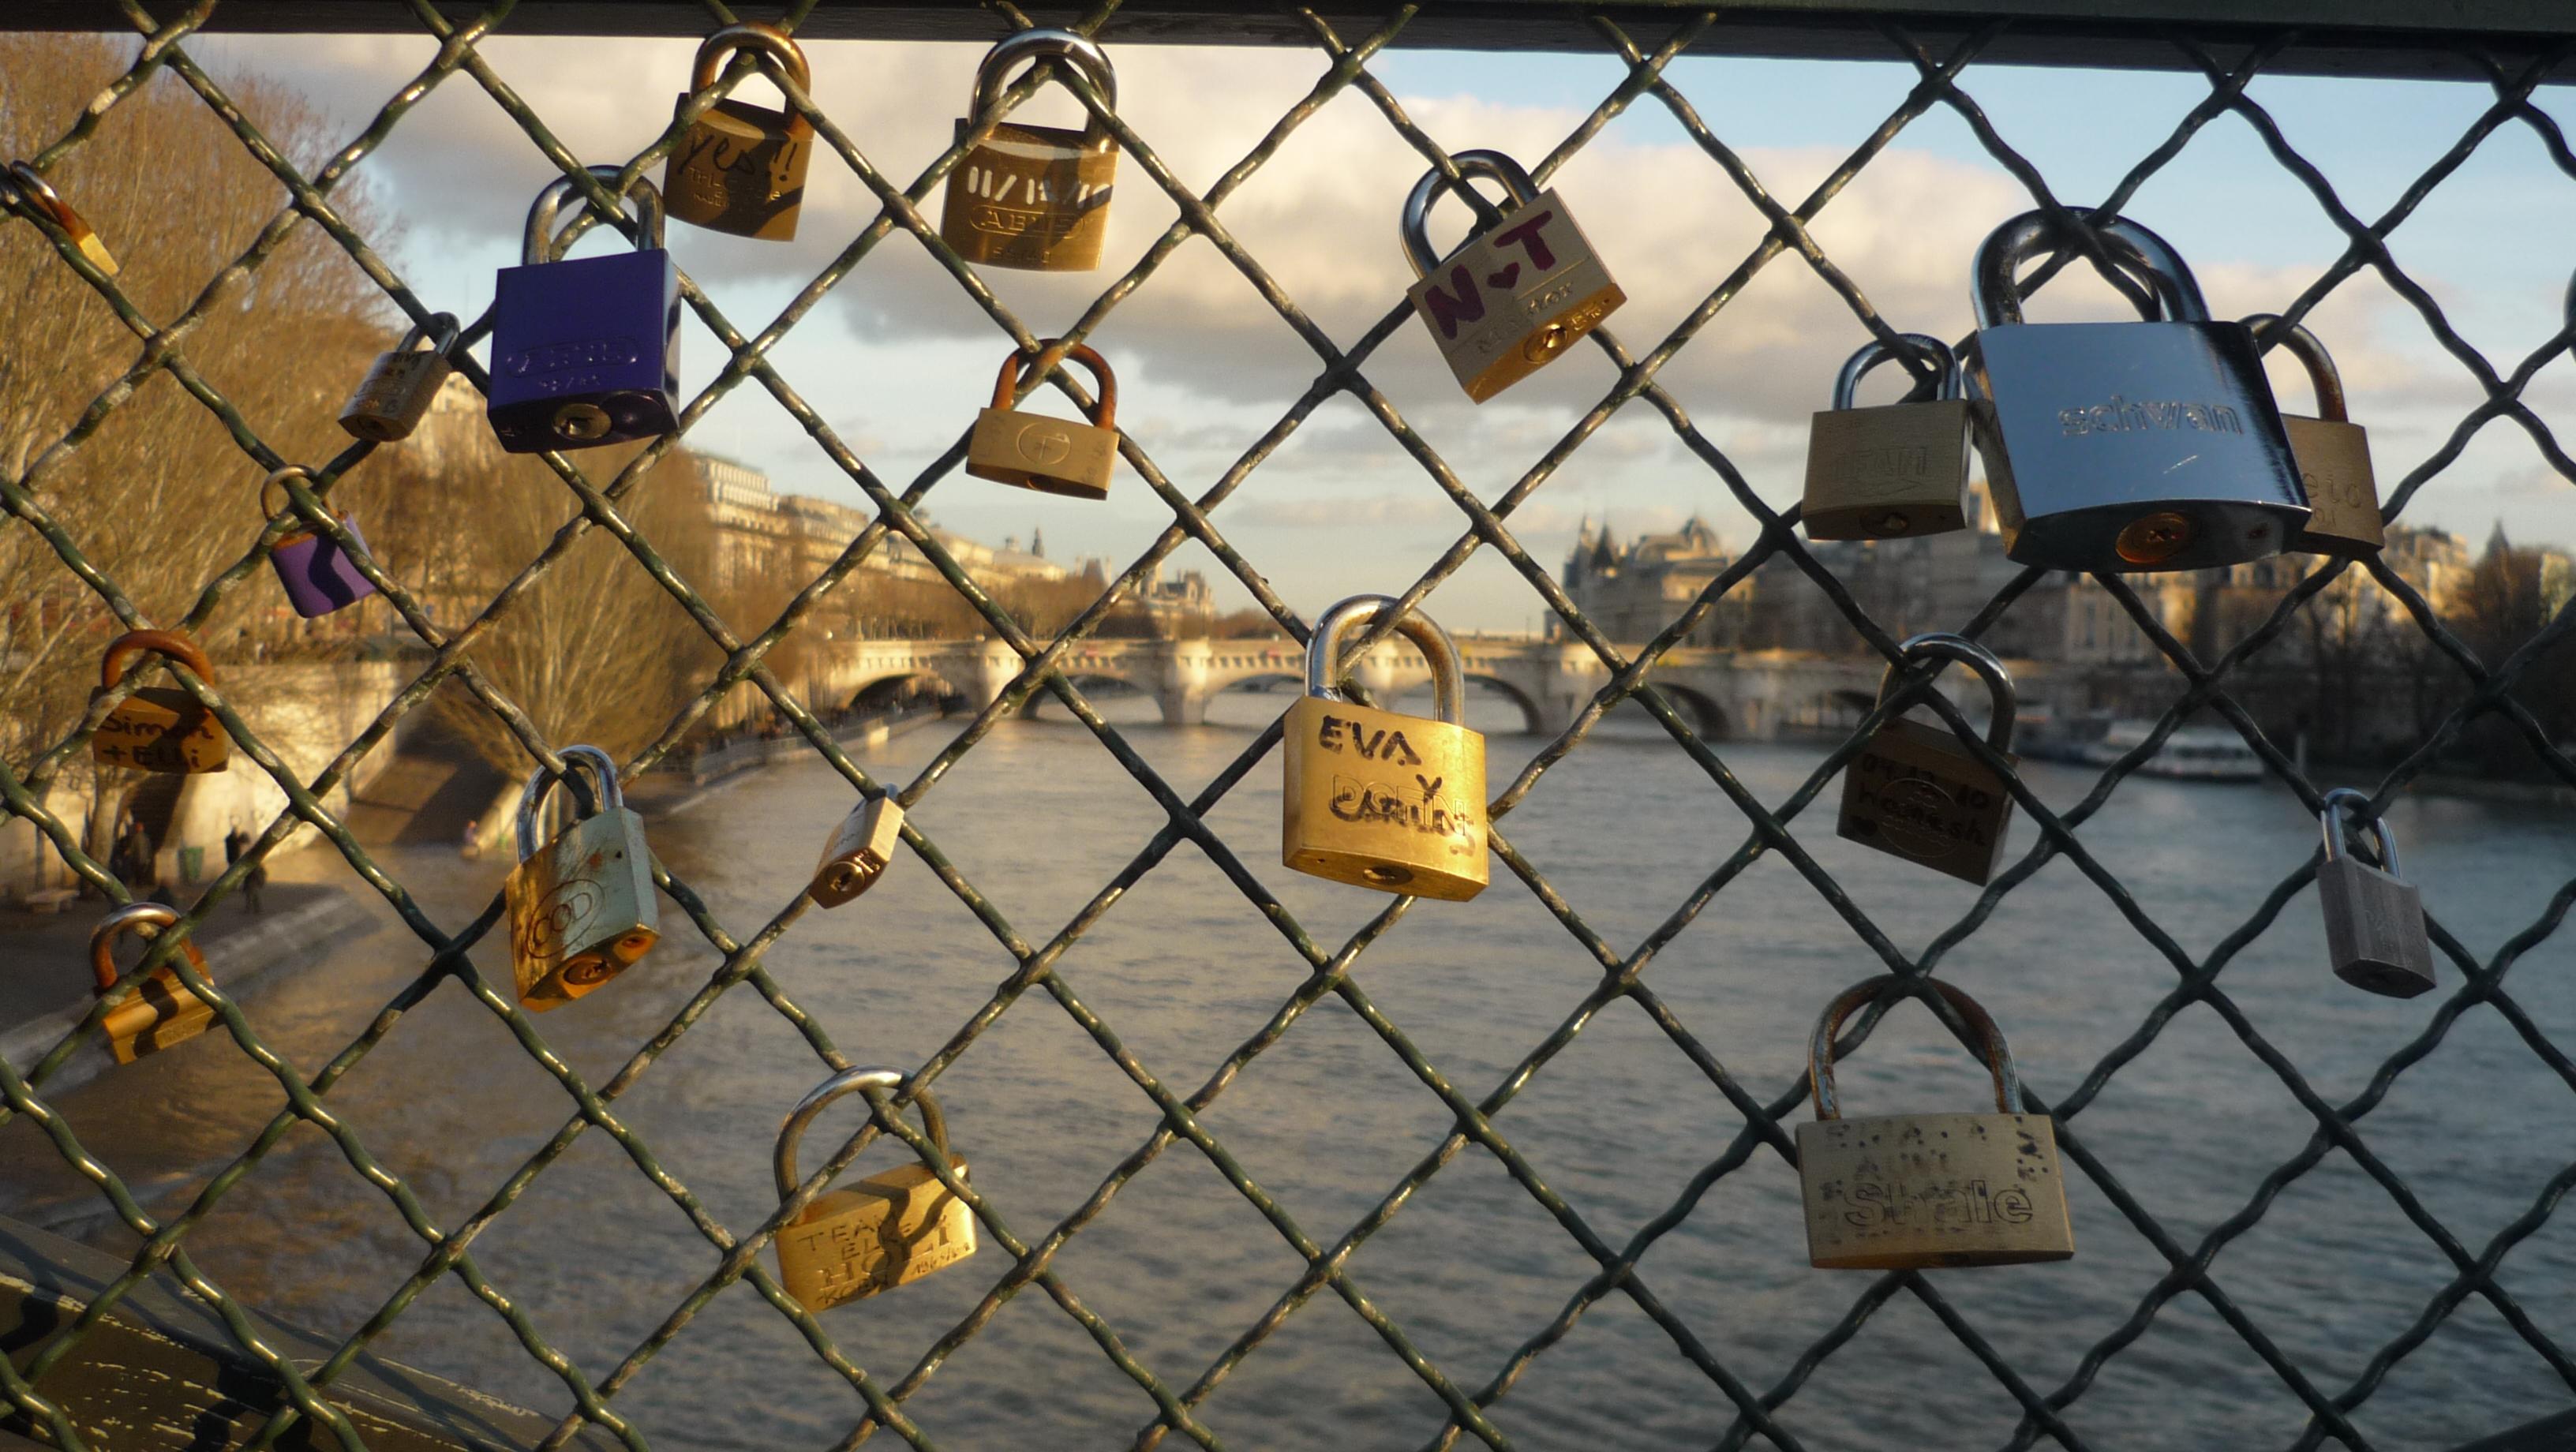 File cadenas des amoureux sur le pont des wikimedia commons - Cadenas amoureux pont paris ...